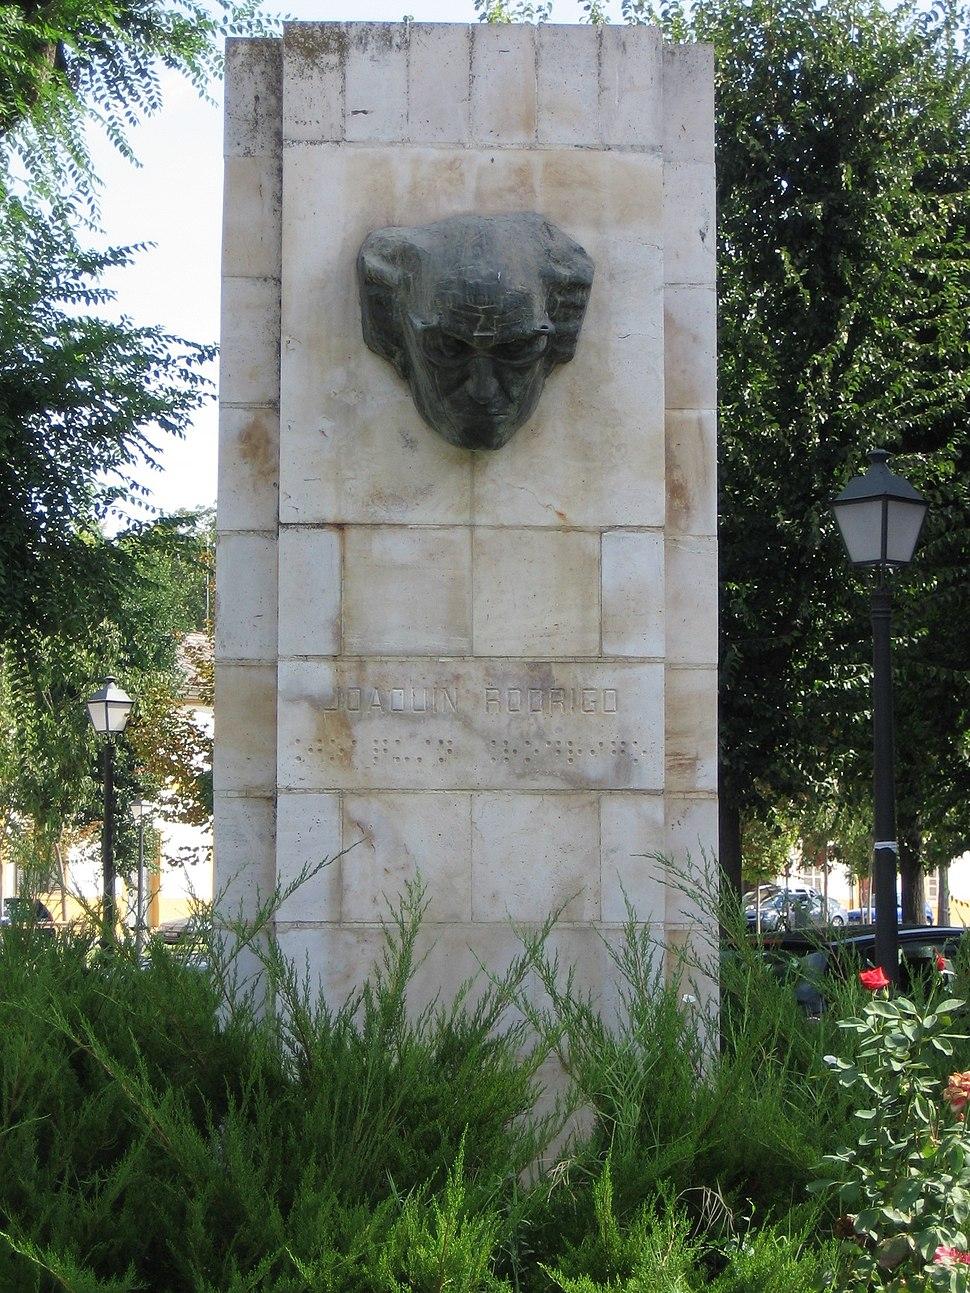 Aranjuez MonumentoJoaquinRodrigo1